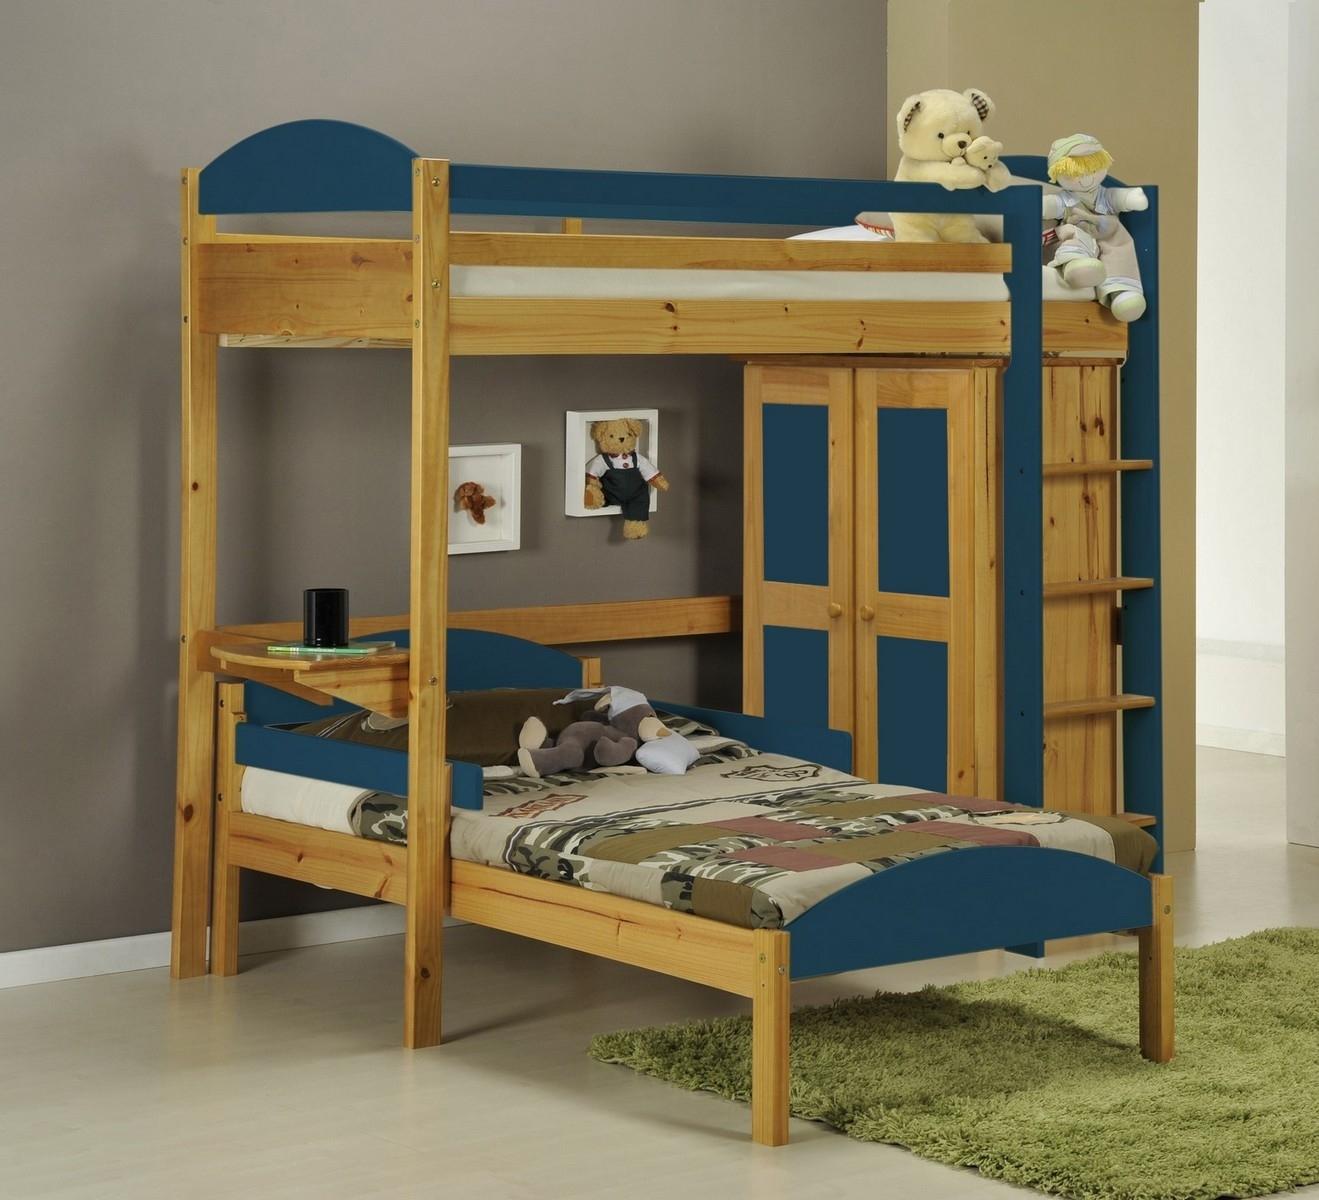 Lit mezzanine en l et placard tal boy pin miel et bleu aladin - Lit mezzanine placard ...